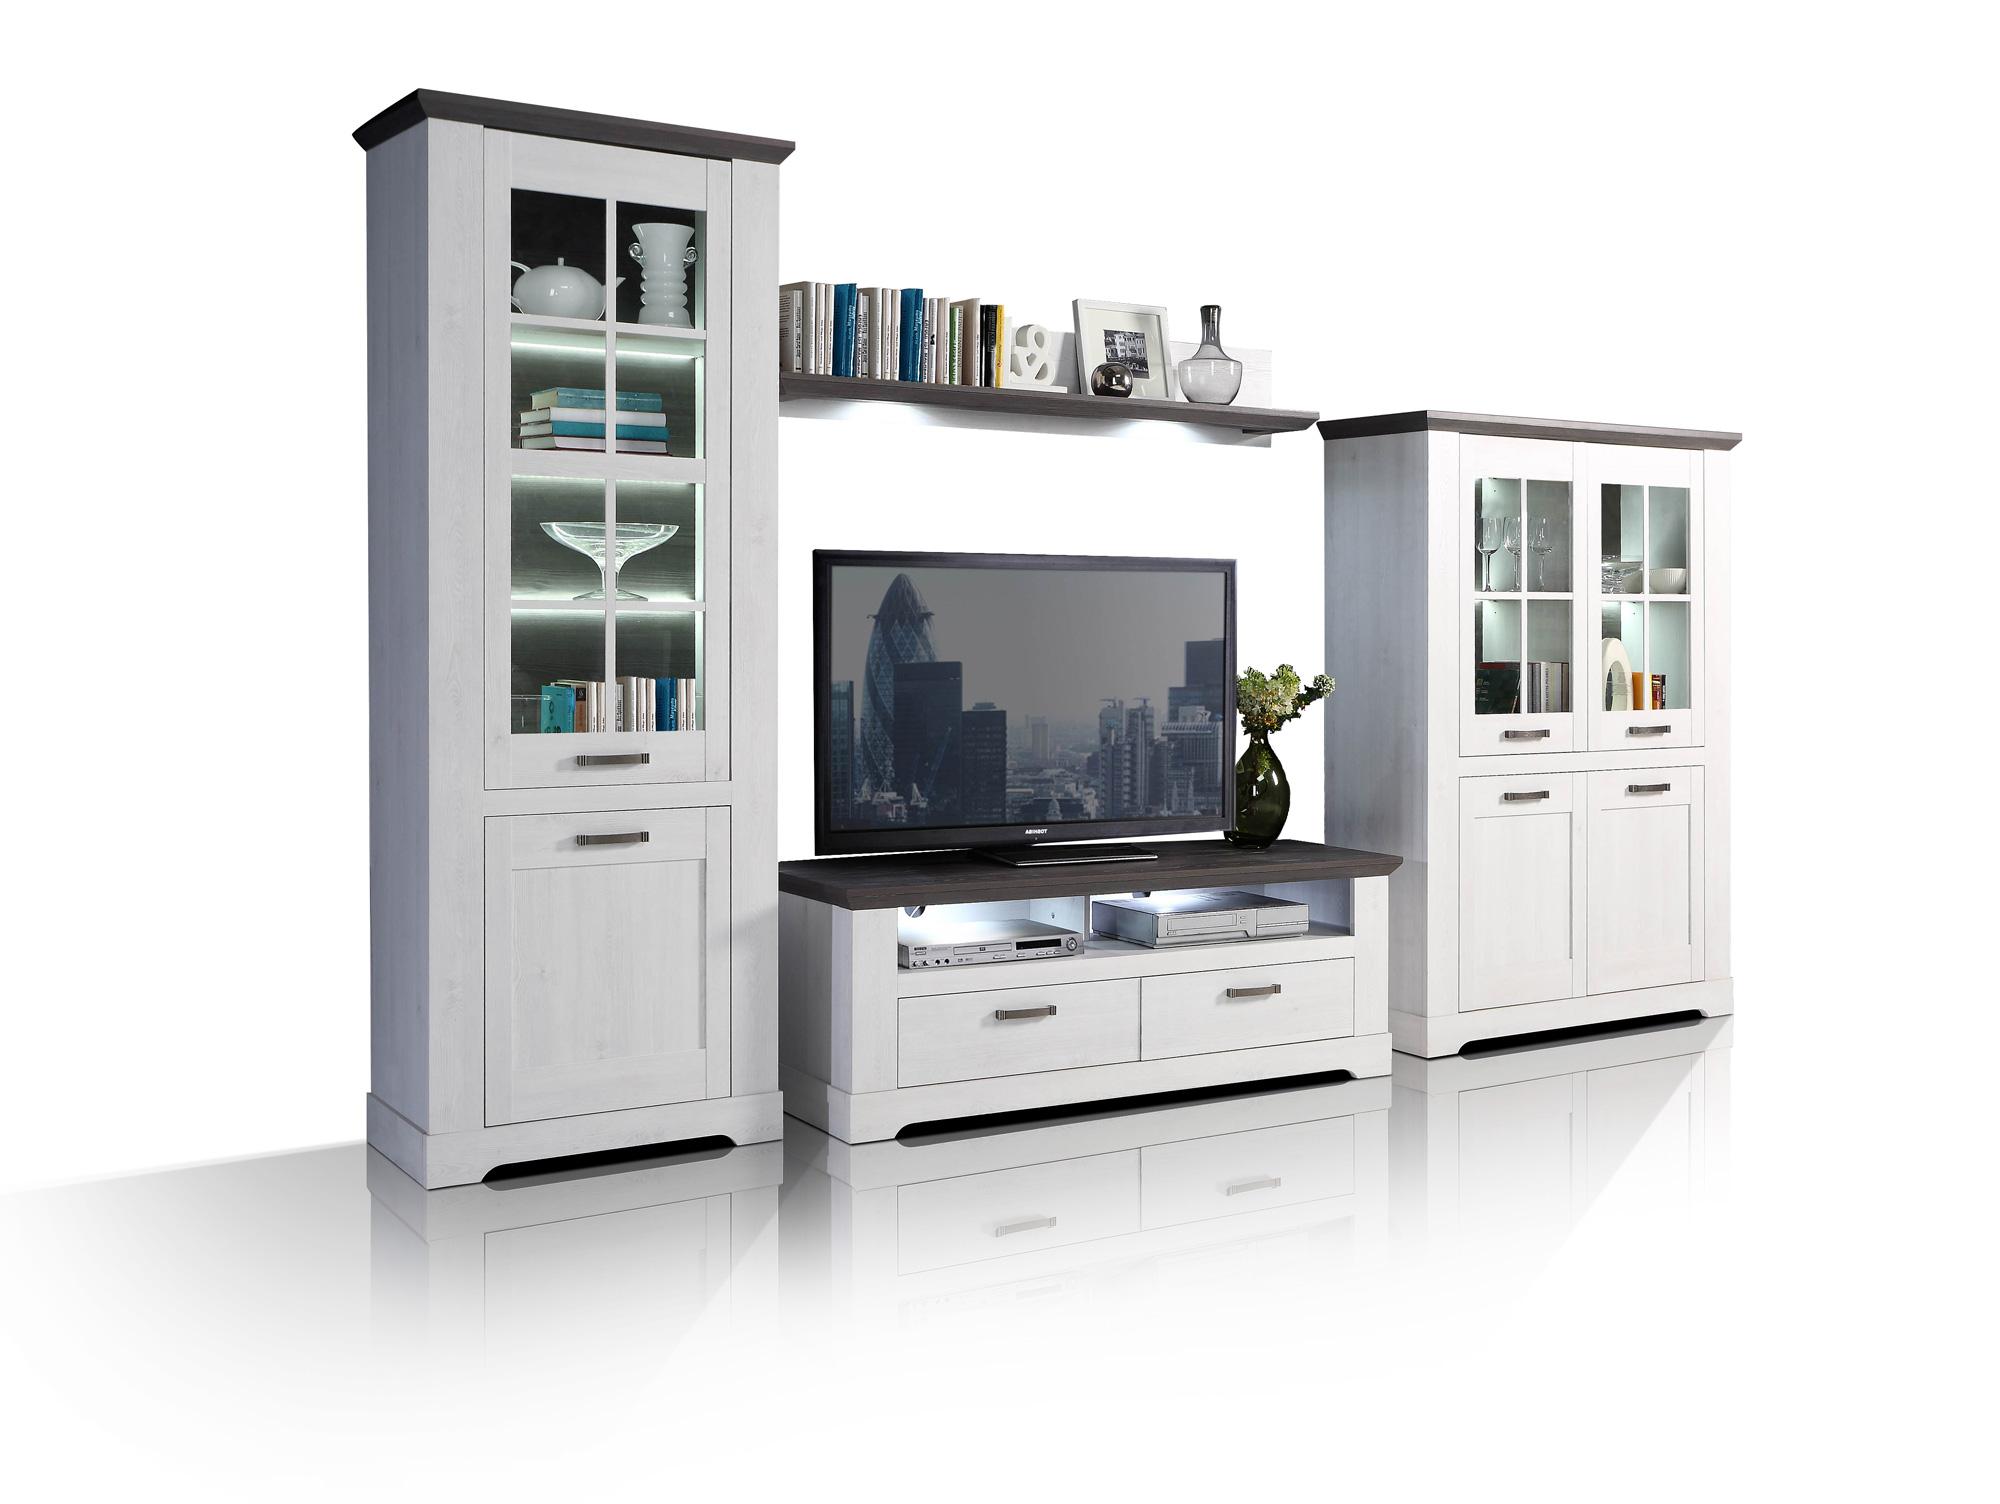 wohnw nde hochglanz grau weiss g nstig kaufen. Black Bedroom Furniture Sets. Home Design Ideas